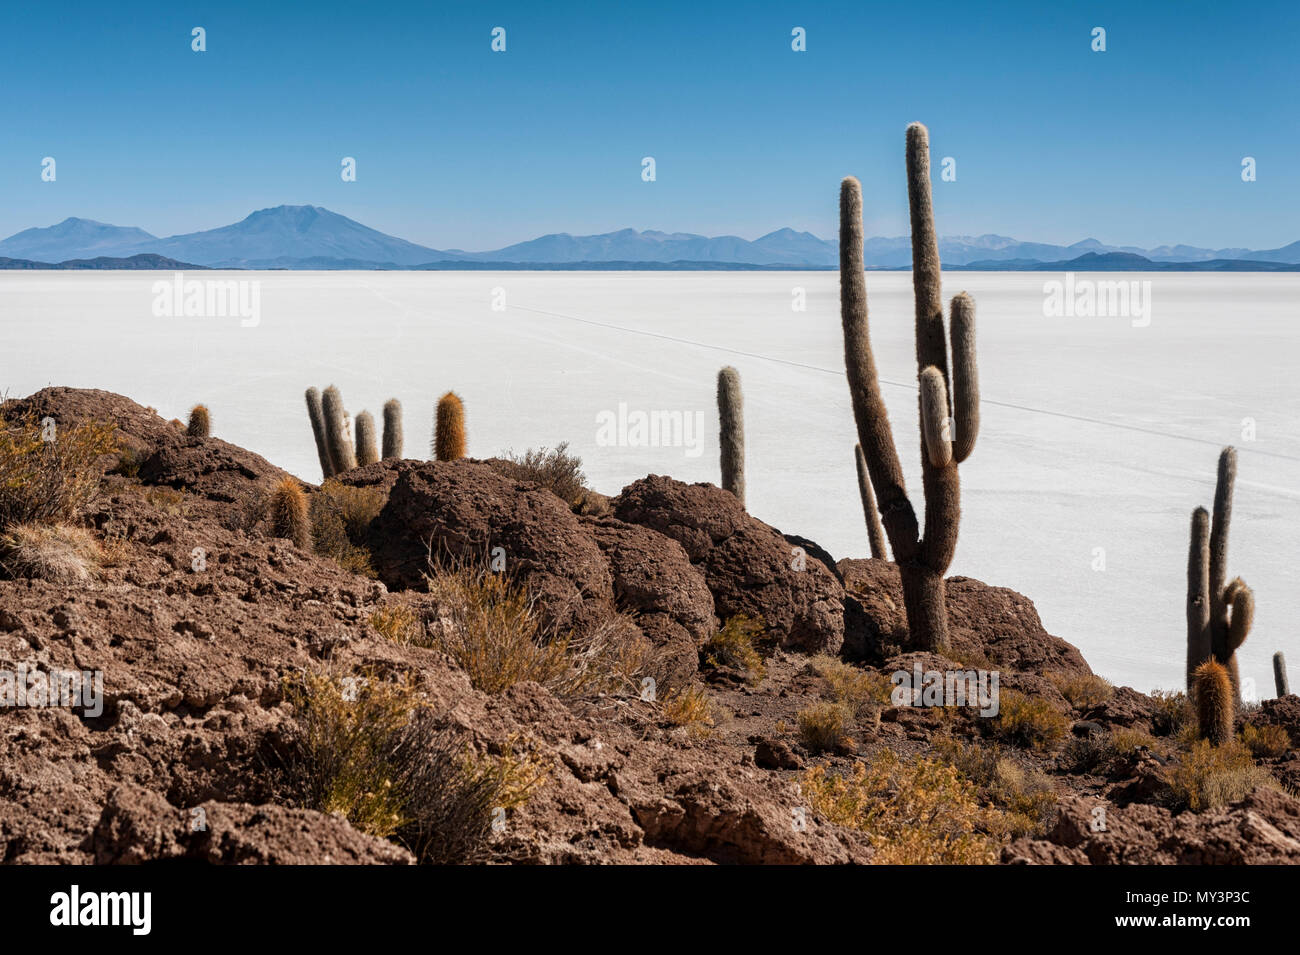 Trichoreceus Kaktus auf der Isla Incahuasi (Isla del Pescado-Fish Insel) in der Mitte der größten Salz der Welt schlicht Uyuni Salzwüste, Bolivien Stockbild